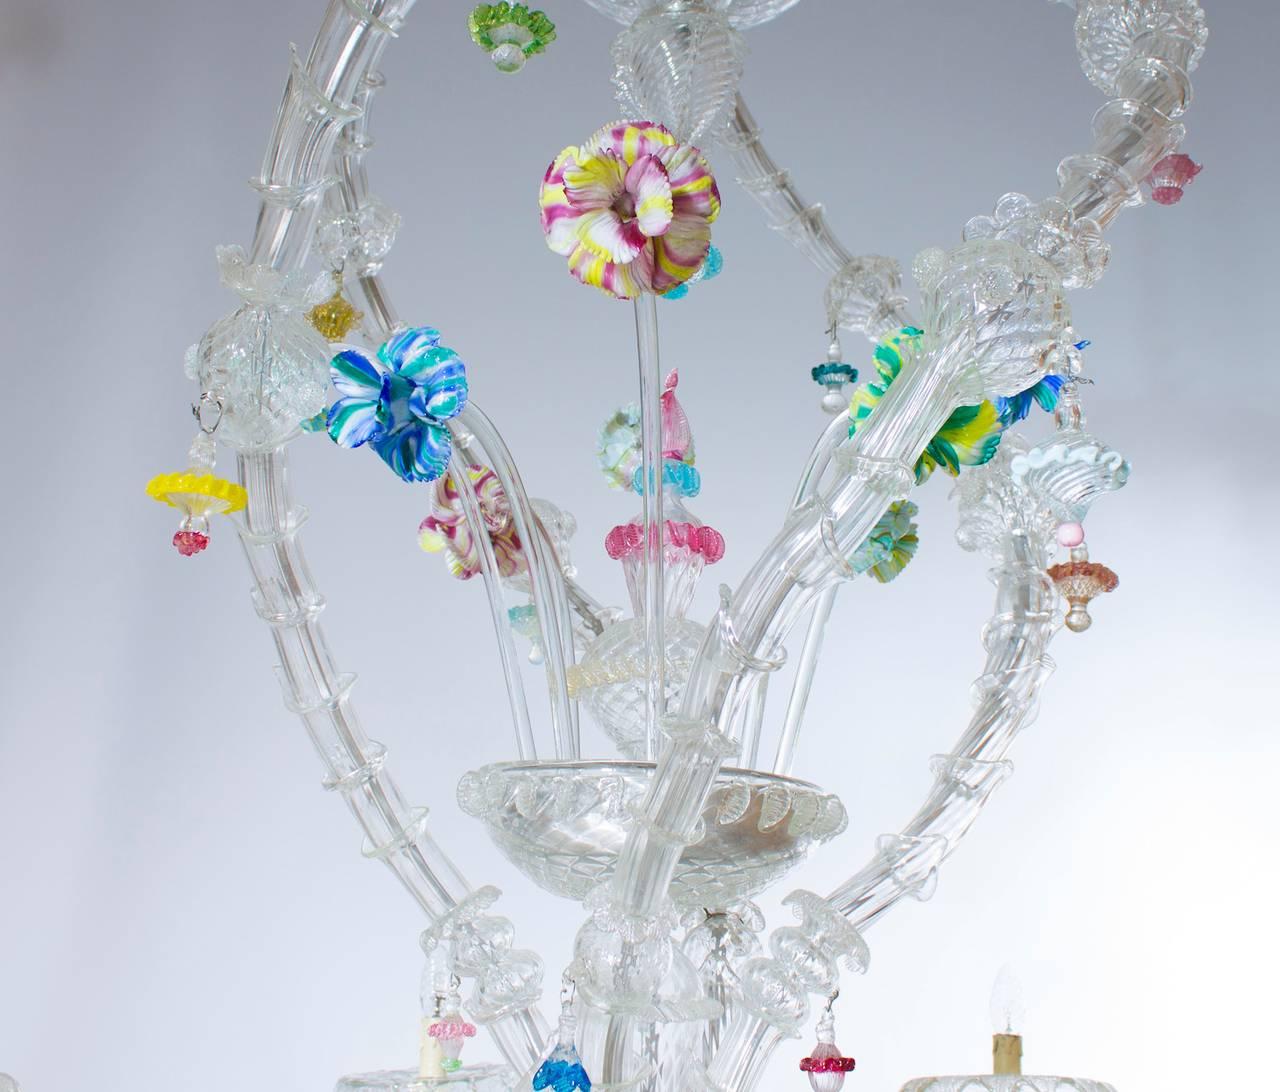 Italian Venetian Ca'rezzonico Chandelier, Blown Murano Glass, Seguso, 1950s In Excellent Condition For Sale In Villaverla, IT